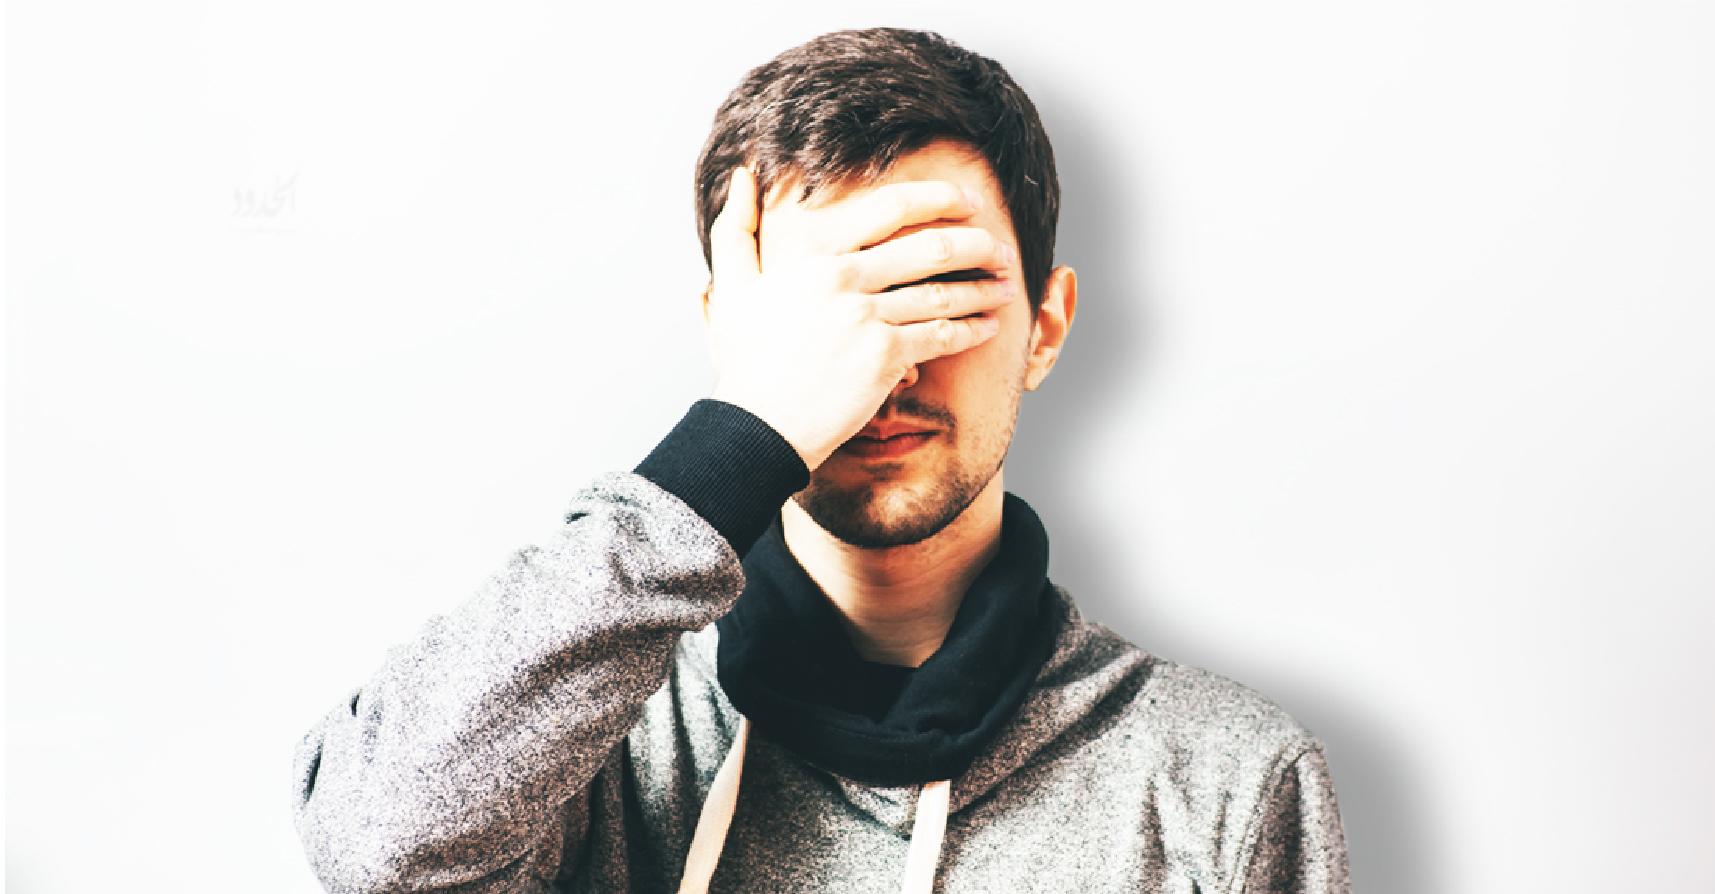 صورة شاب يصاب بالعمى بعدما نظر إلى الجانب المشرق من حياته أكثر من اللازم